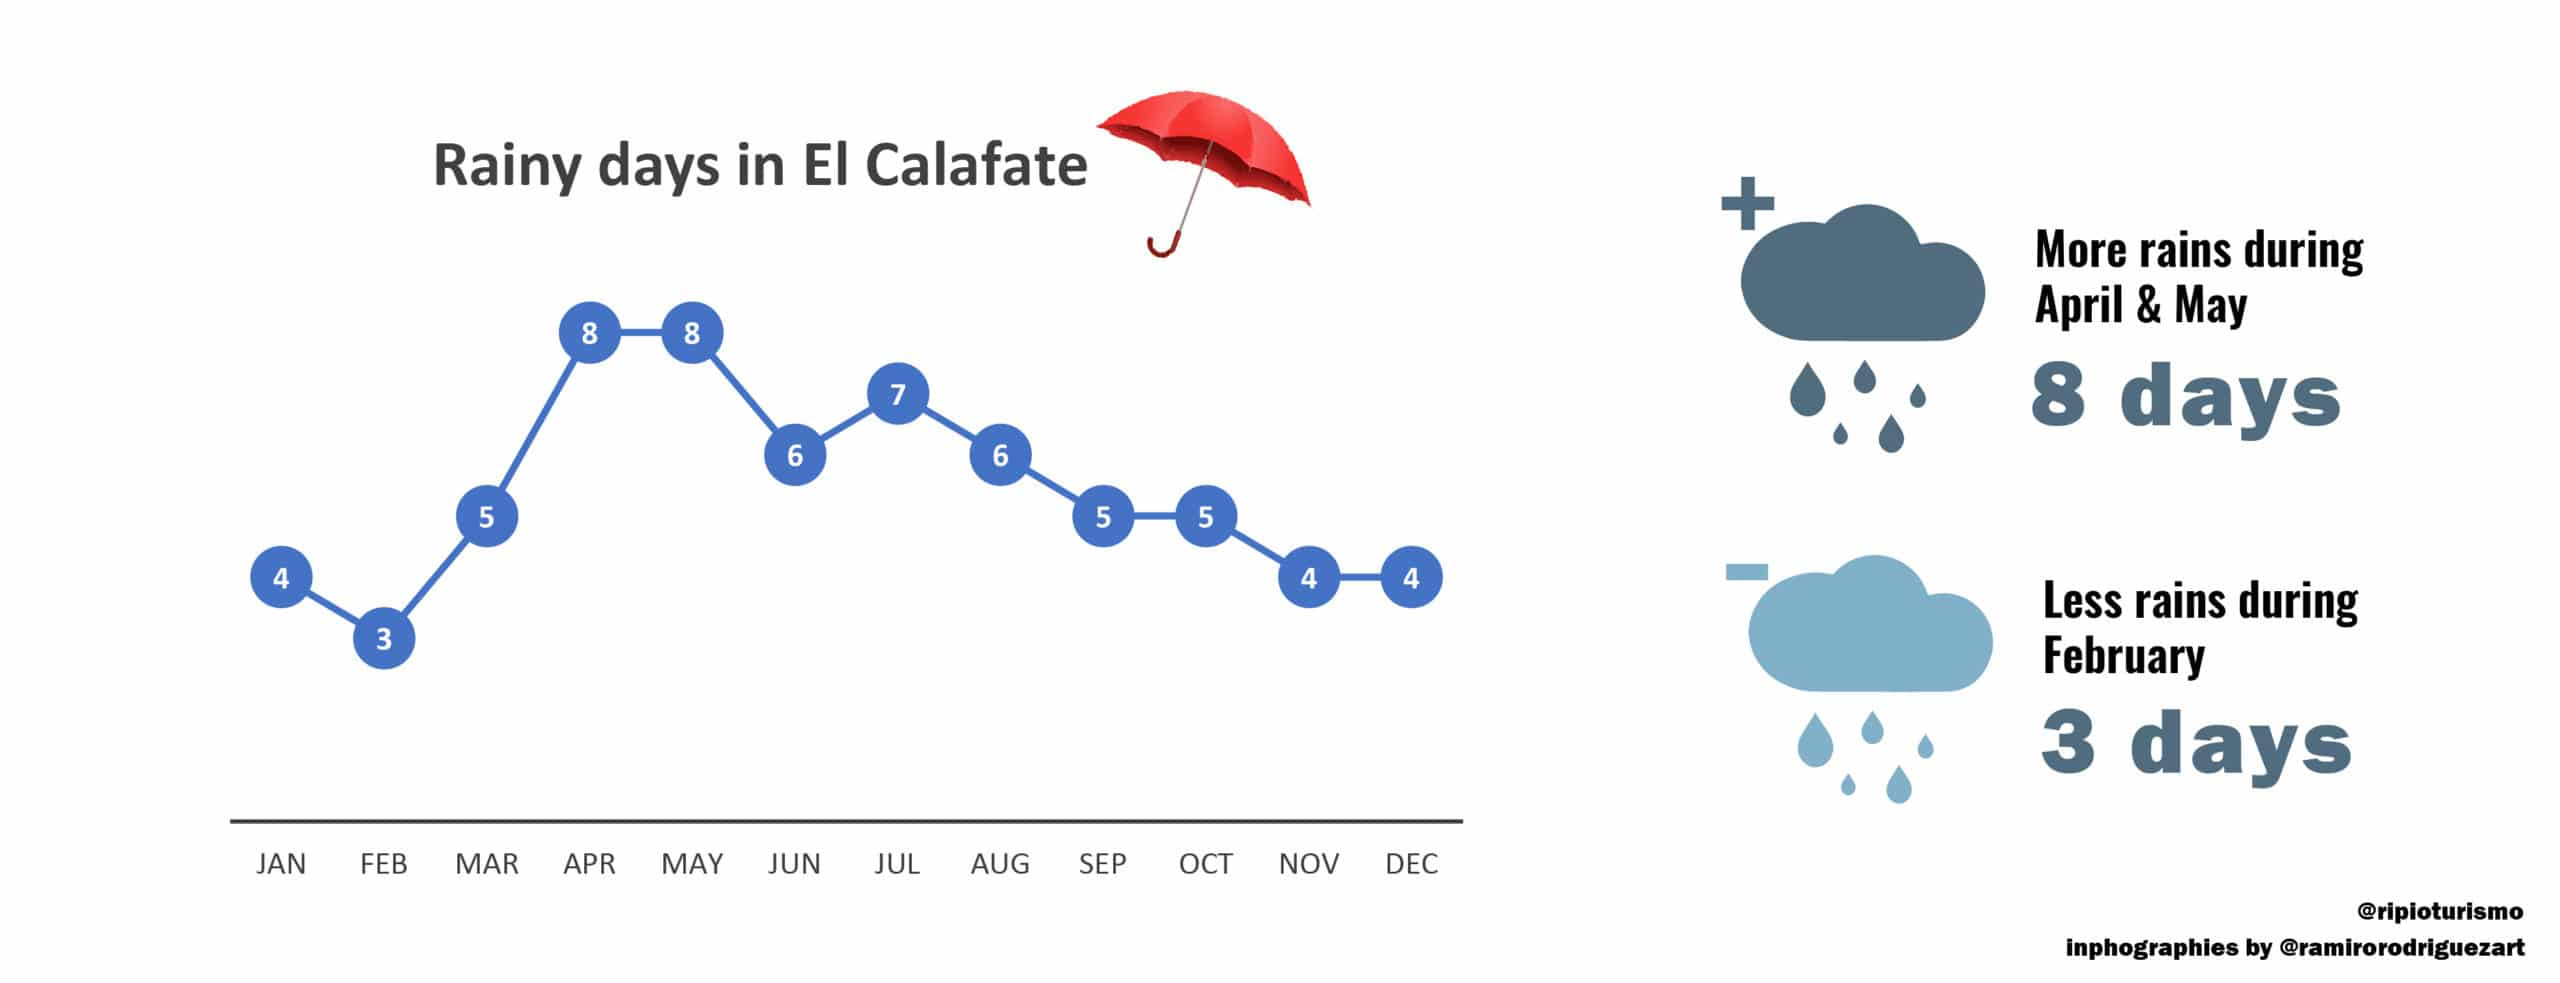 Rainy days in El Calafate, Patagonia - RipioTurismo DMC for Argentina